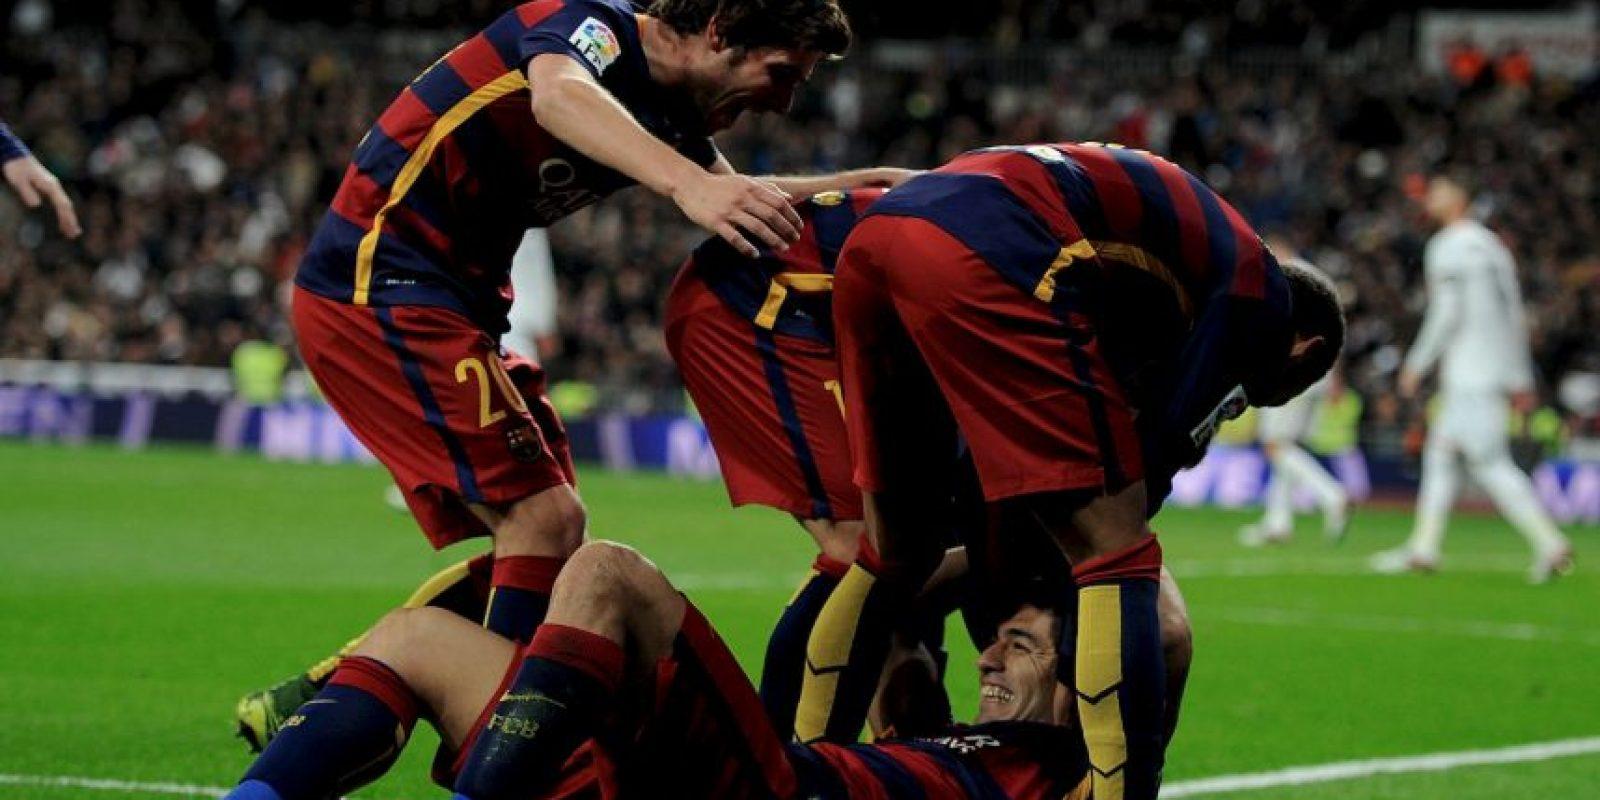 Se dedica a ofrecer enlaces gratuitos en streaming a eventos deportivos de pago Foto:Getty Images